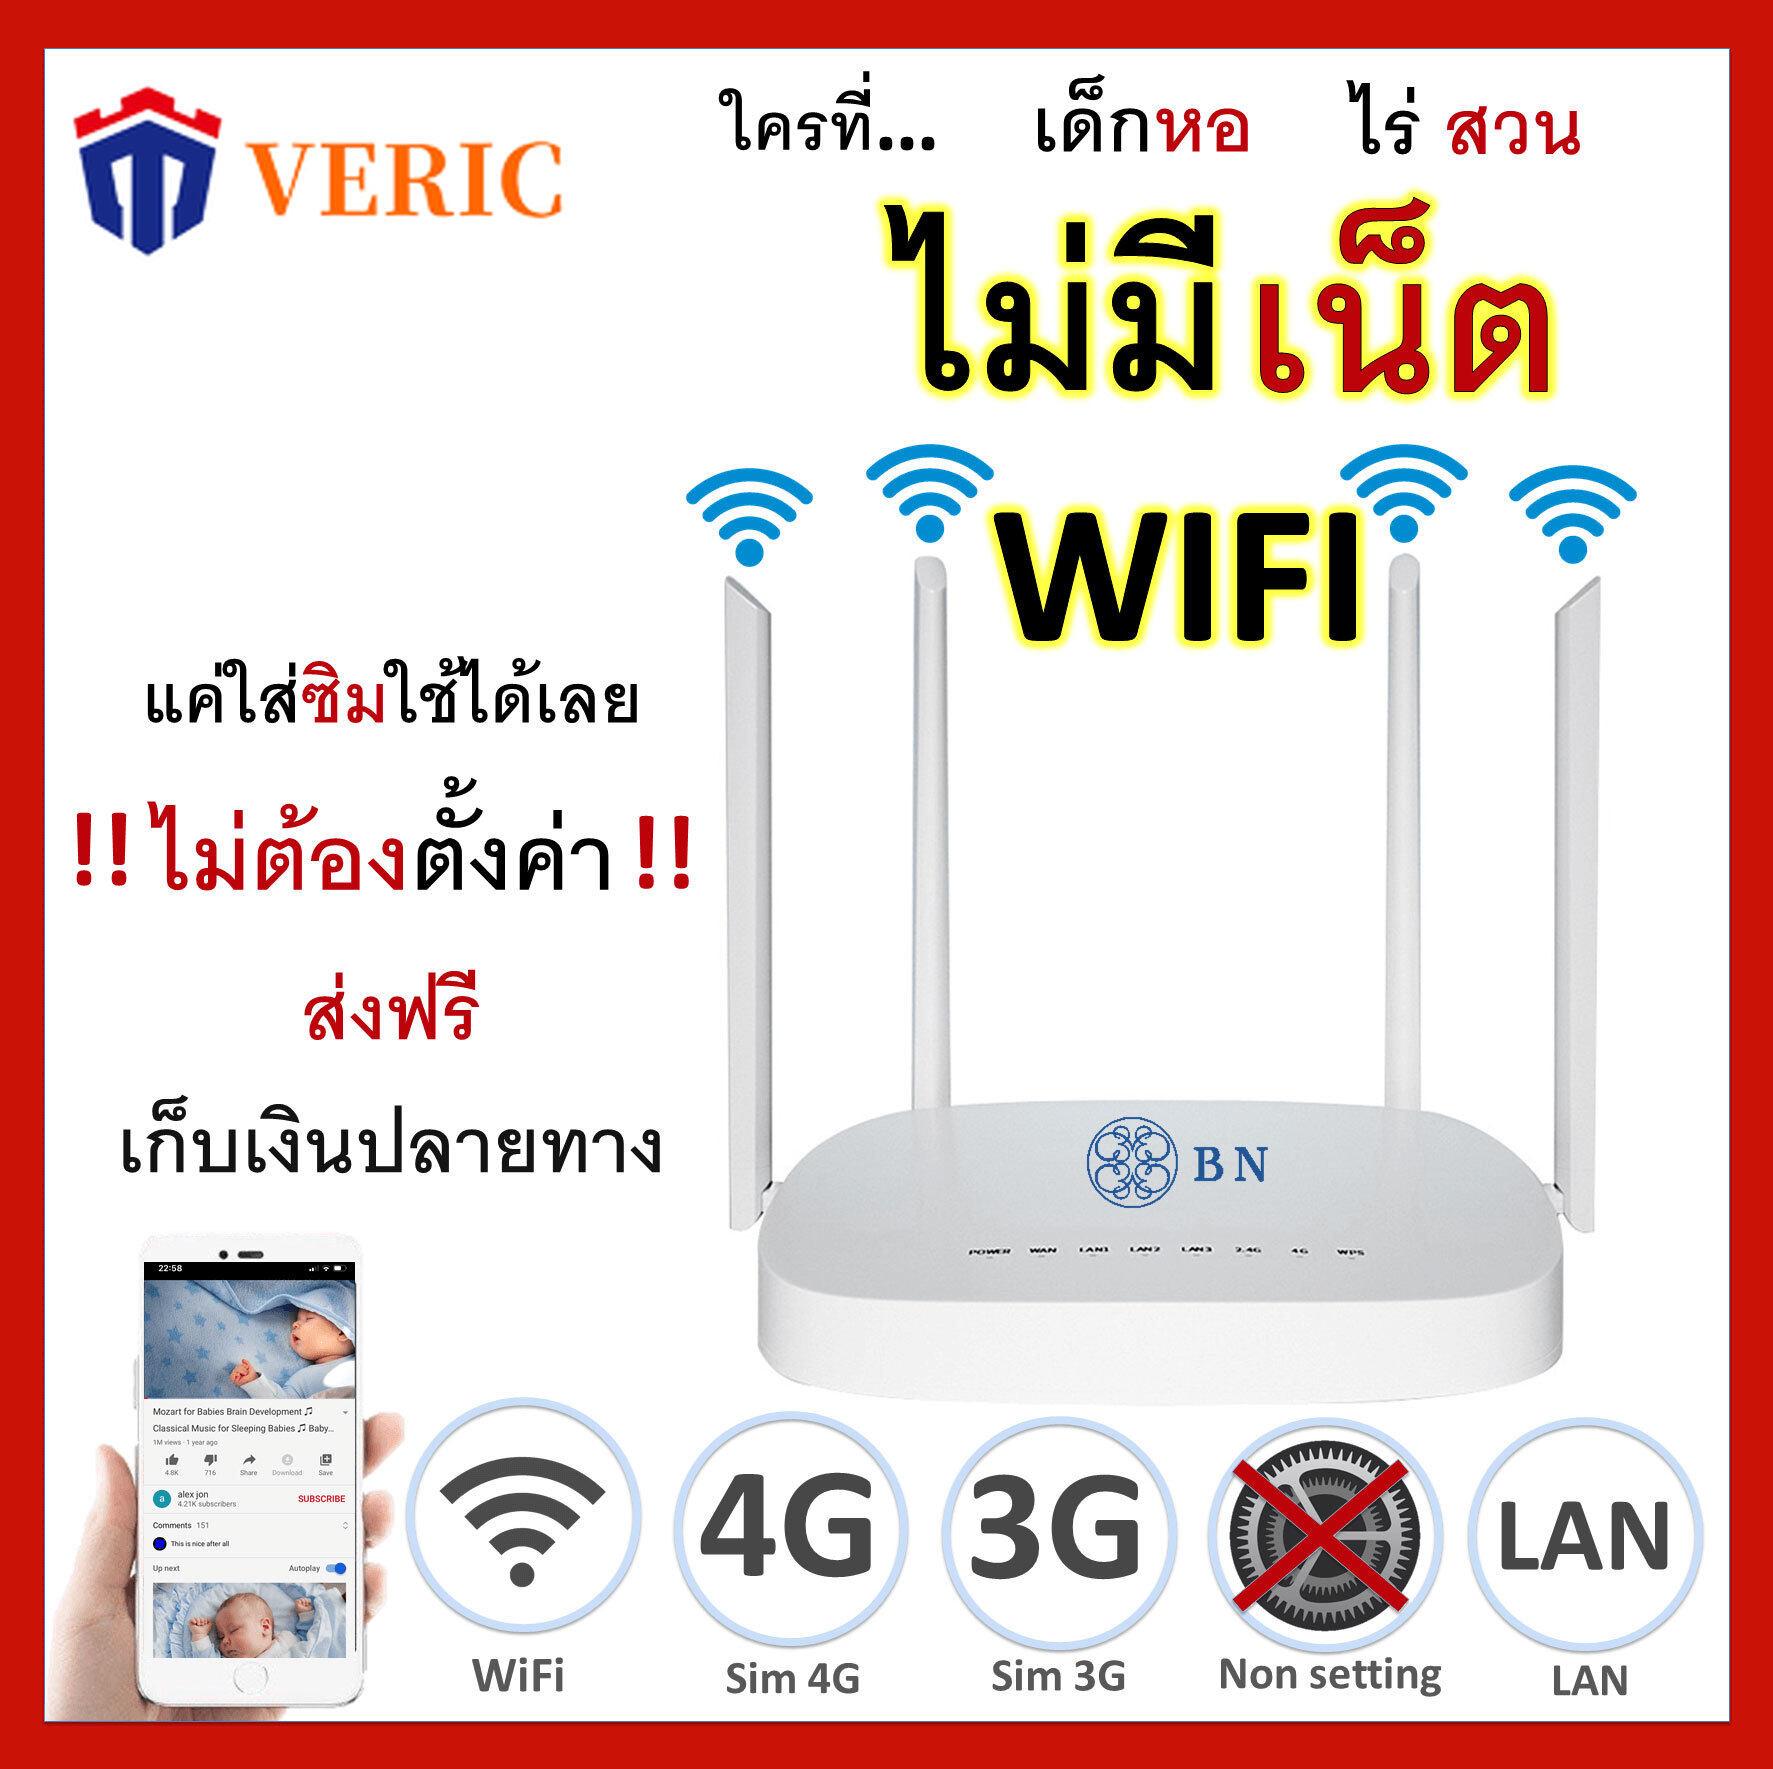 จัดส่งในพื้นที่ Veric Router 4g ใส่ซิมใช้ได้เลย เสียบสายแลนได้ 4g/3g Wifi 4g Wireless Router Mifi 4g Wifi พกพา ใช้3g ,4gได้ทุกค่าย Ais Dtac True แอร์การ์ด โมบายไวไฟ ไวไฟพกพา คุณภาพดี ราคาถูก.